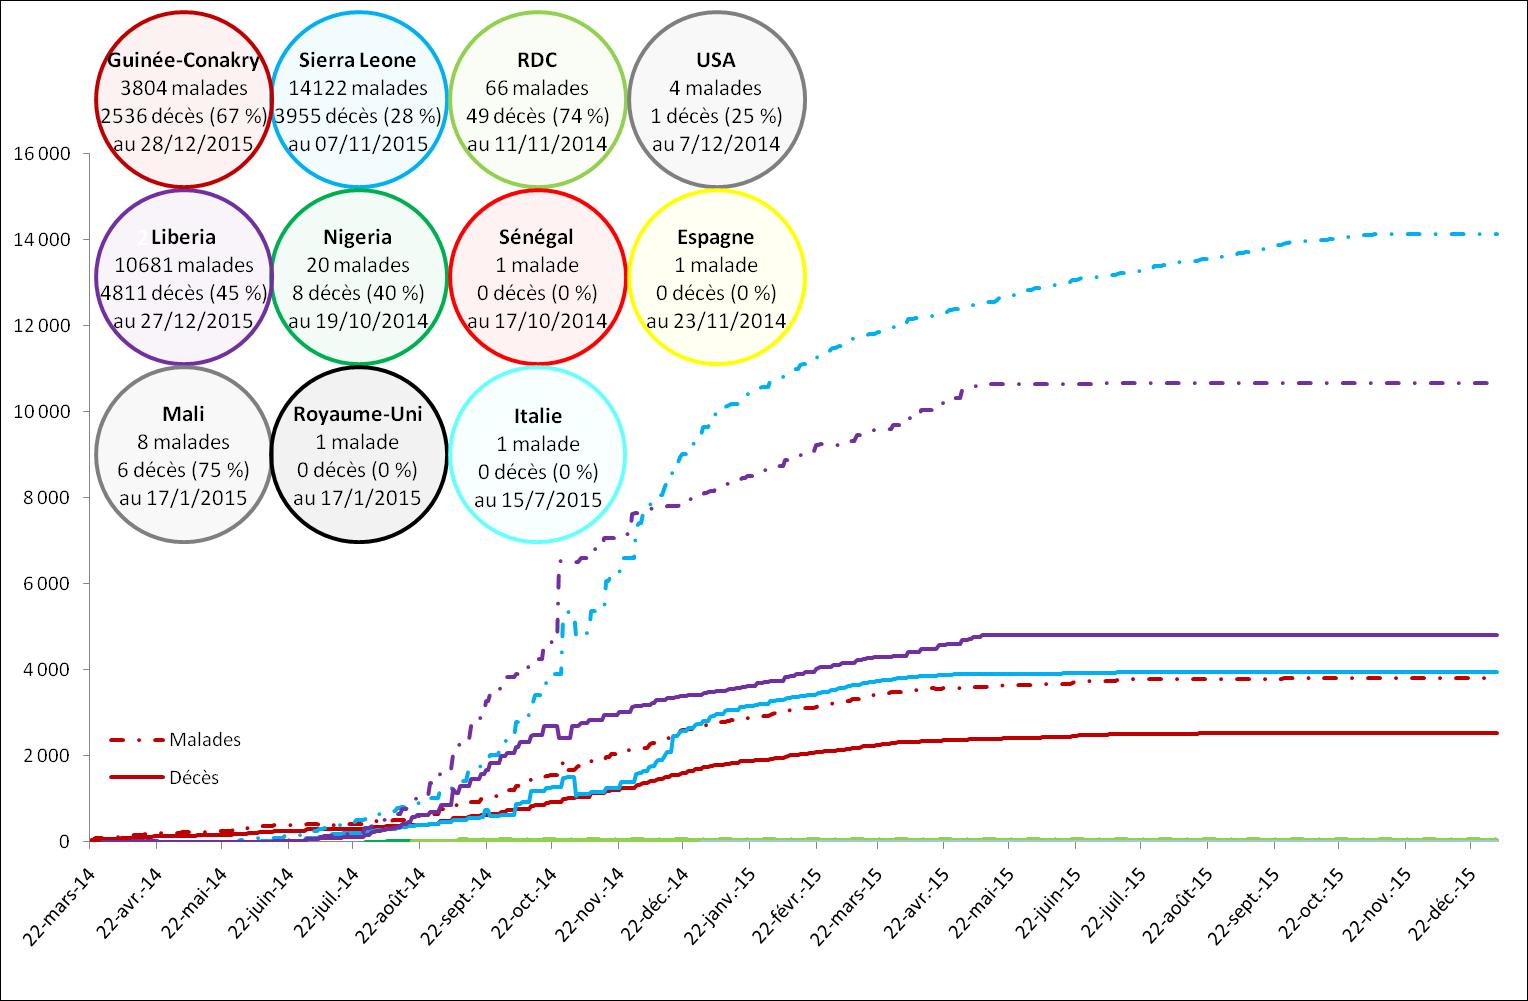 Mortalité cumulée due au virus Ebola dans chaque pays touché par l'épidémie de 2014 à 2016